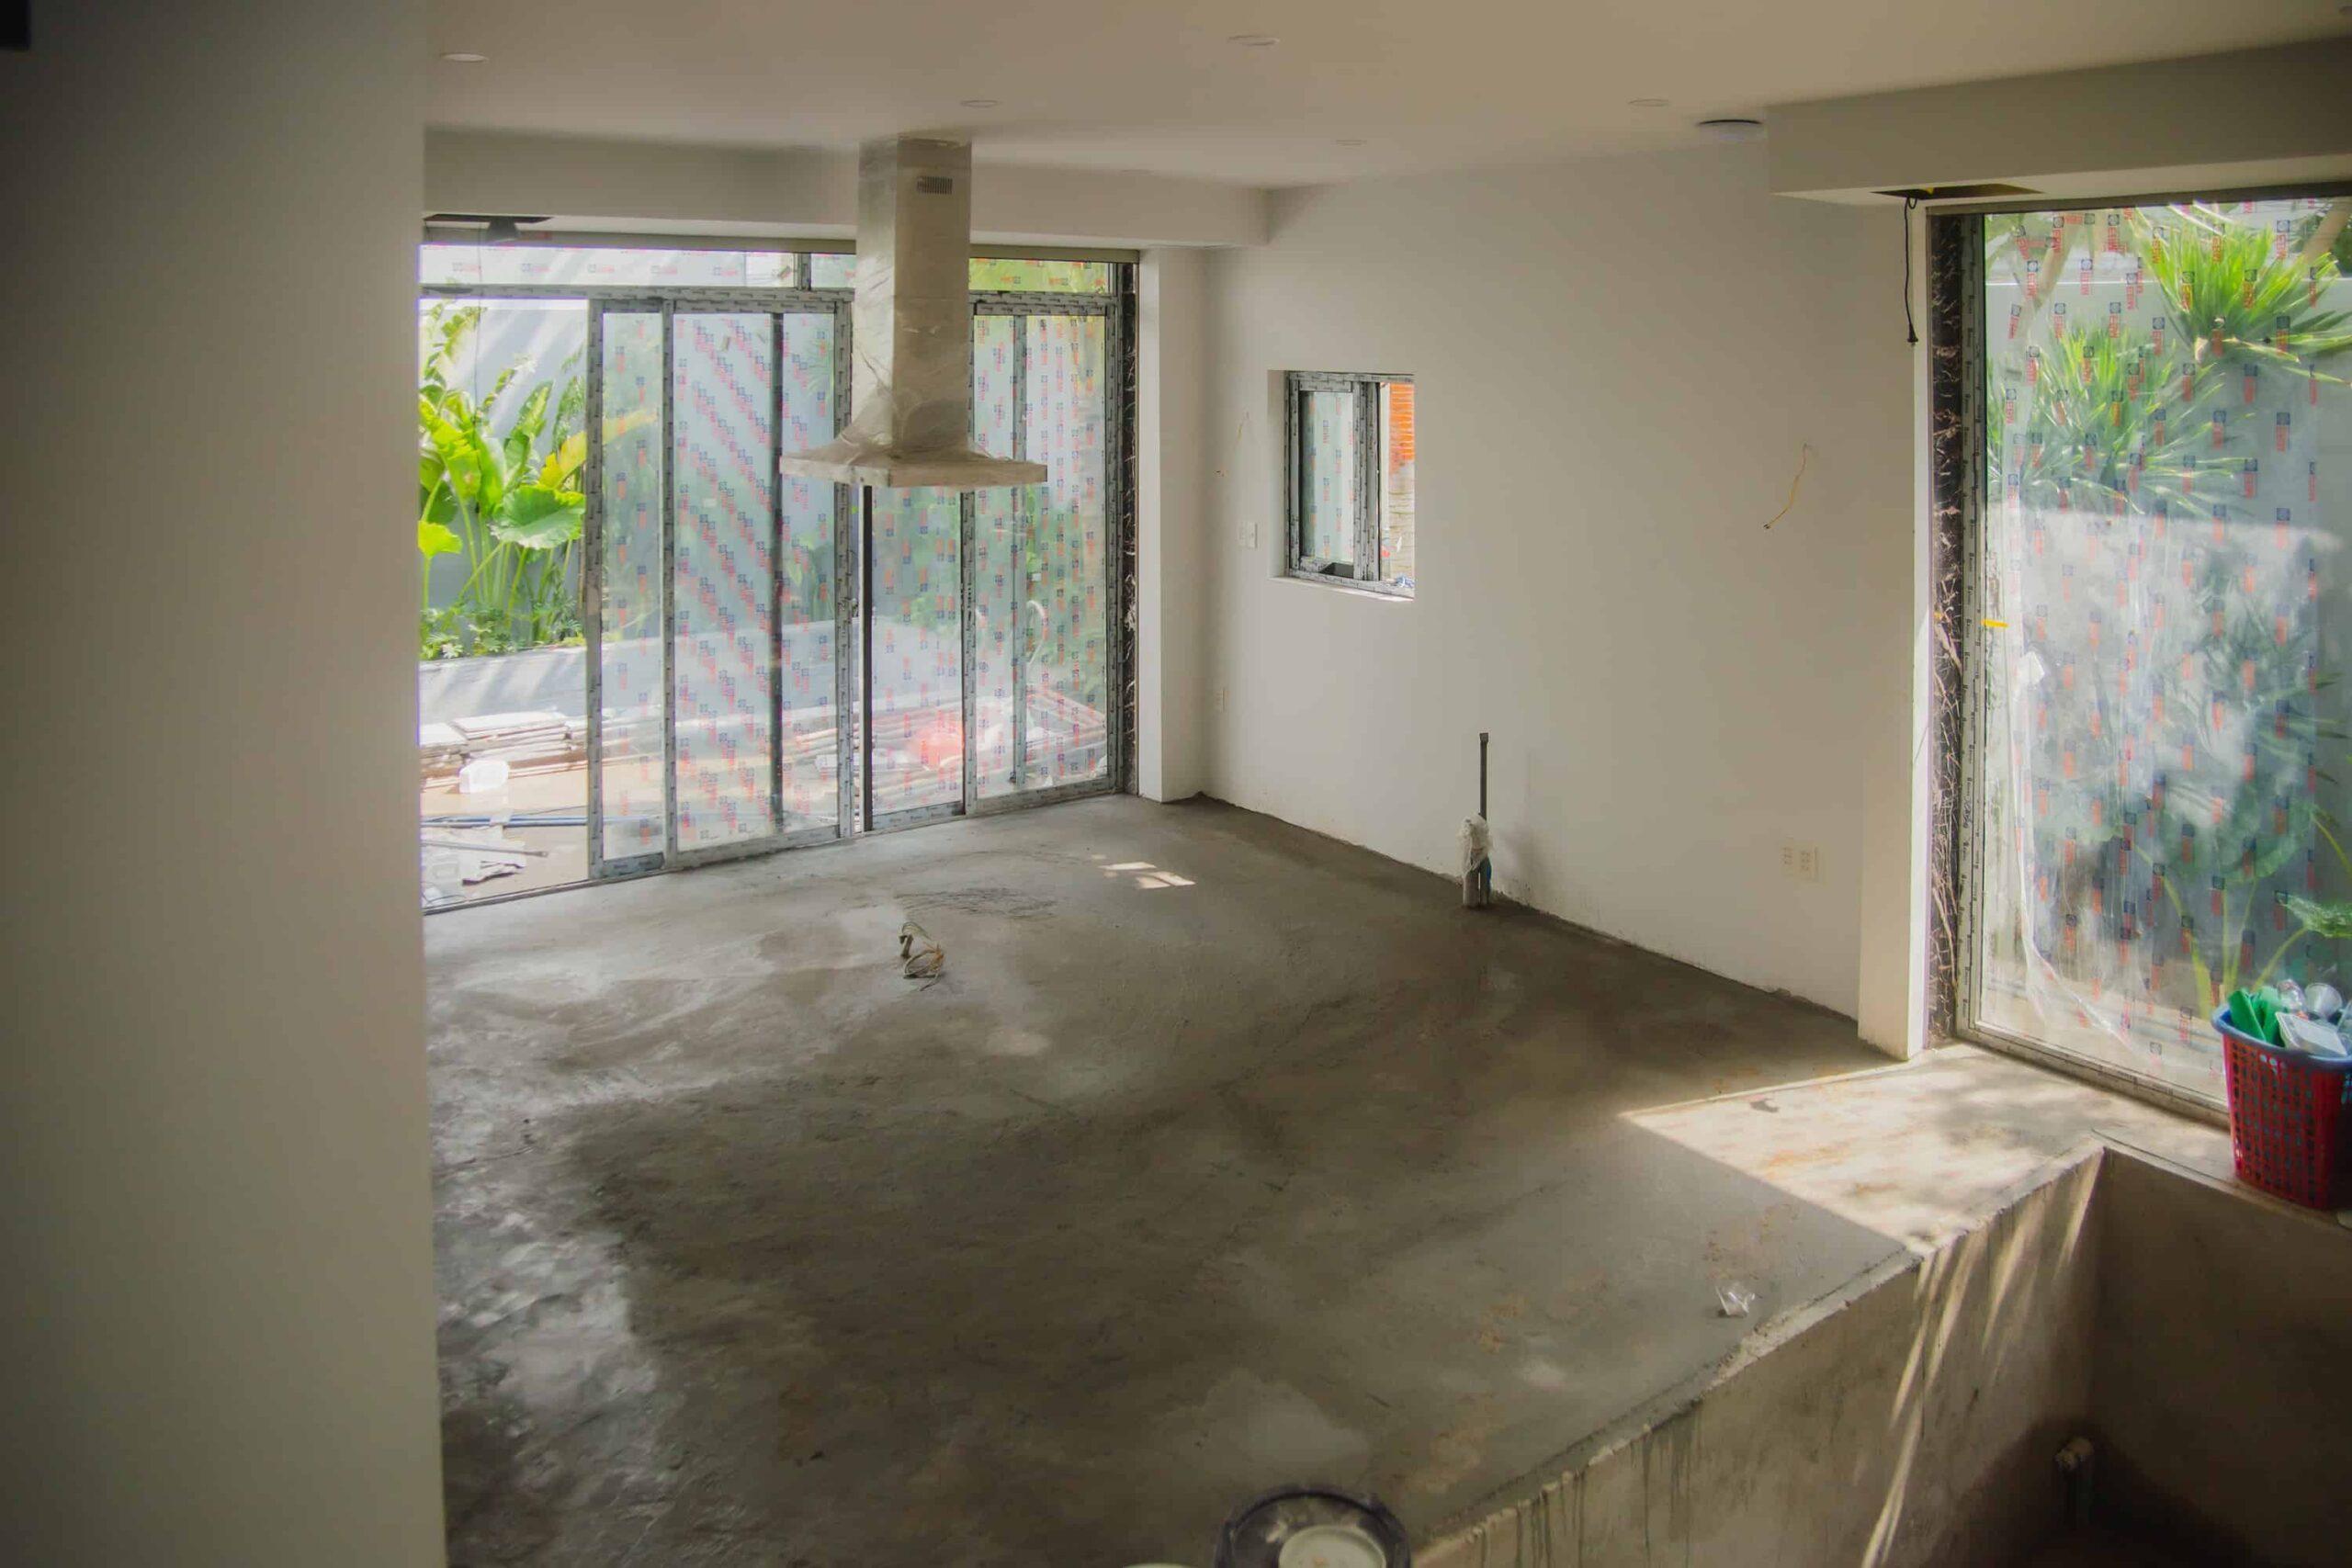 Chuẩn bị không gian để lắp đặt sàn gỗ tự nhiên